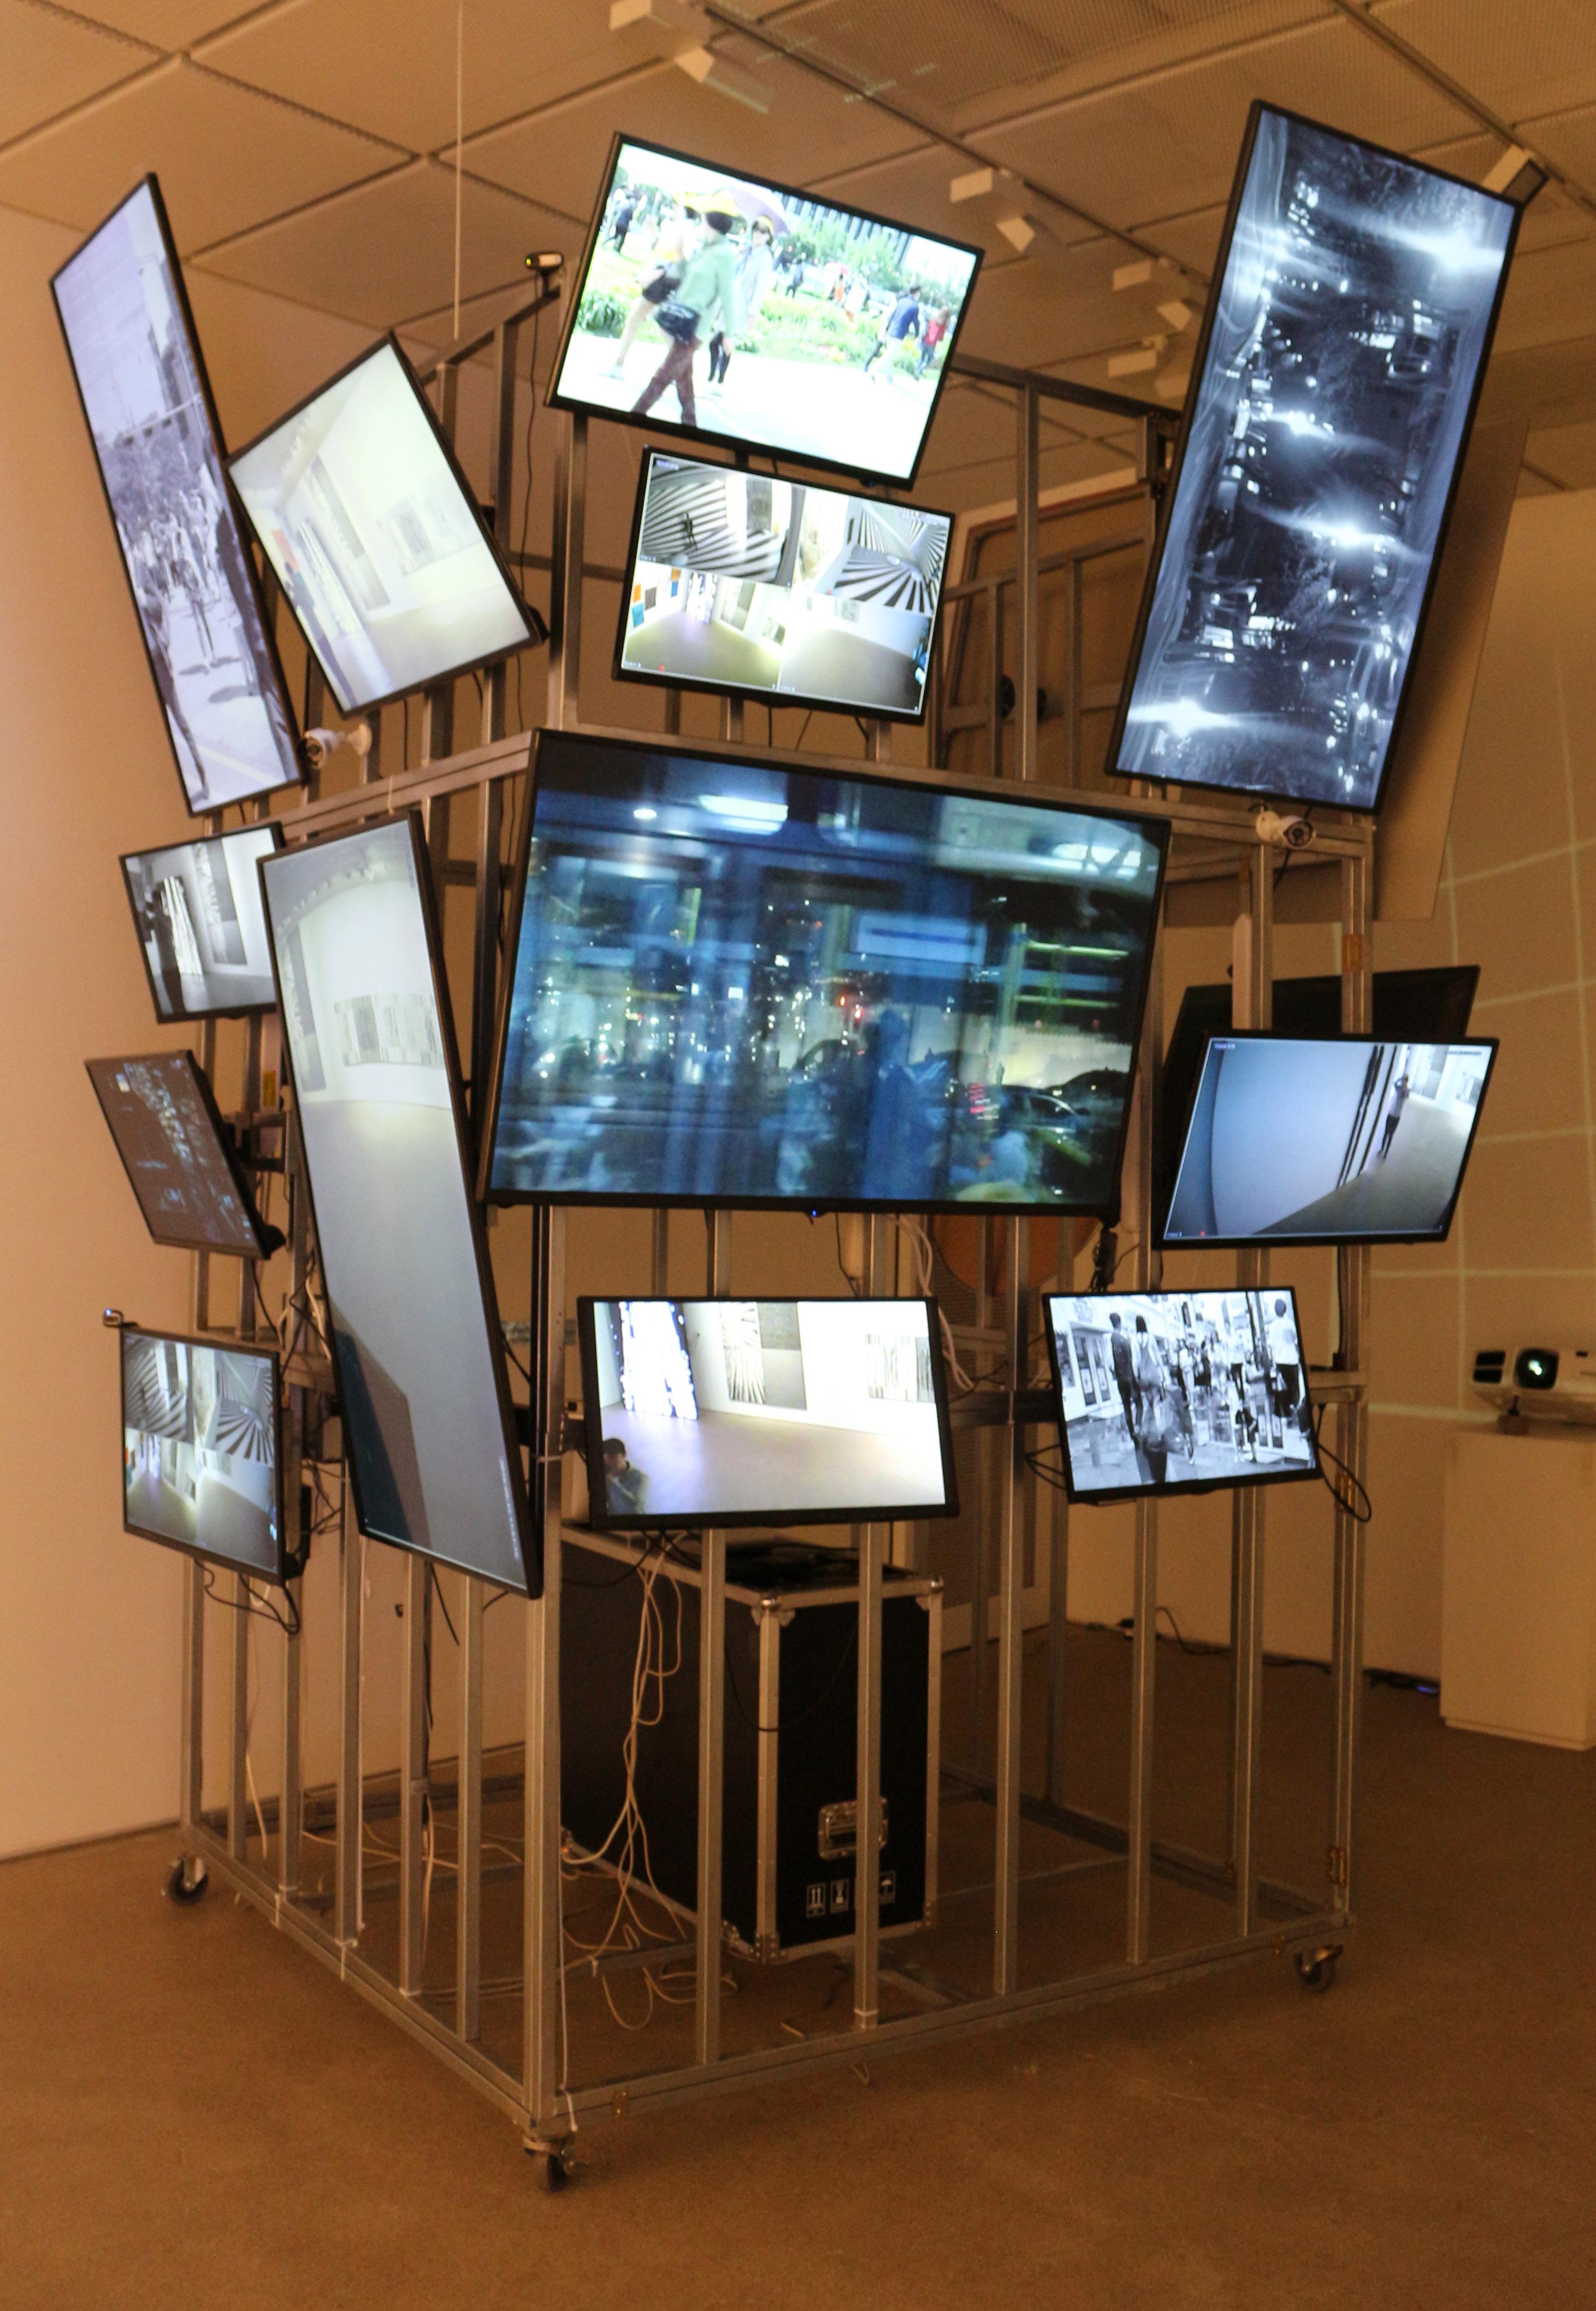 J. PARK_2016 Maze_2016_14TV monitors, sound_Steel structure dimension  3.2x2x2m